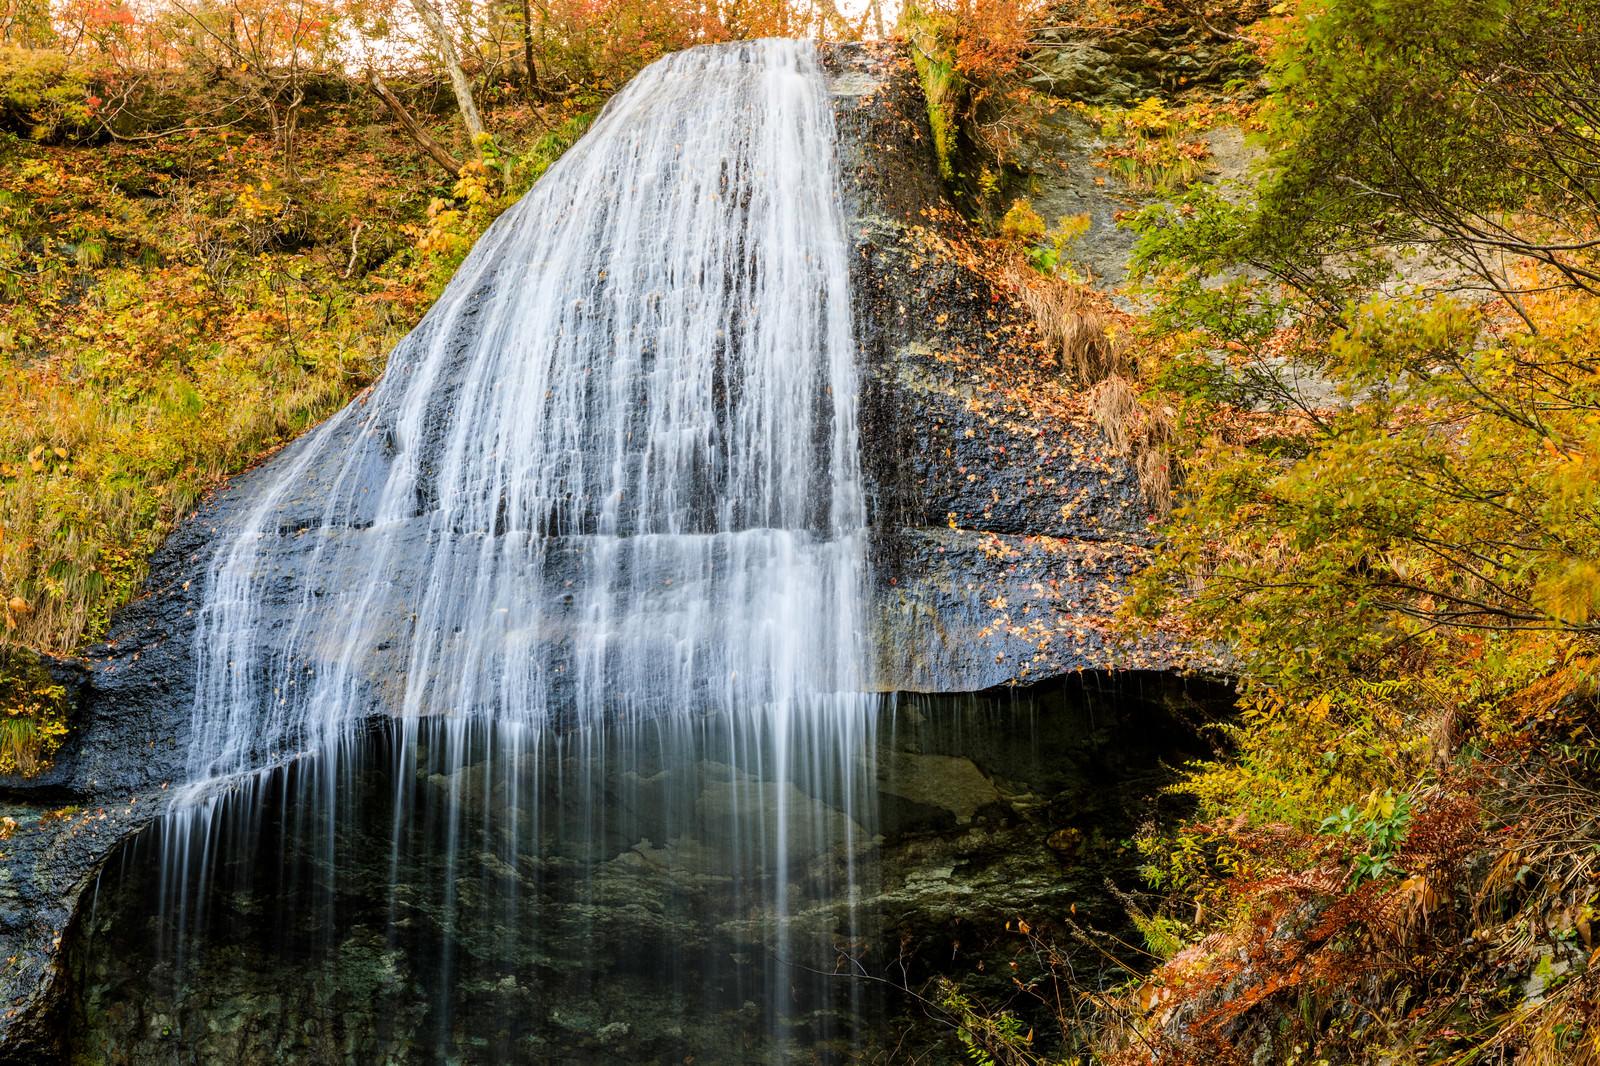 「紅葉した木々と白糸の滝(岩手県和賀郡西和賀町)」の写真